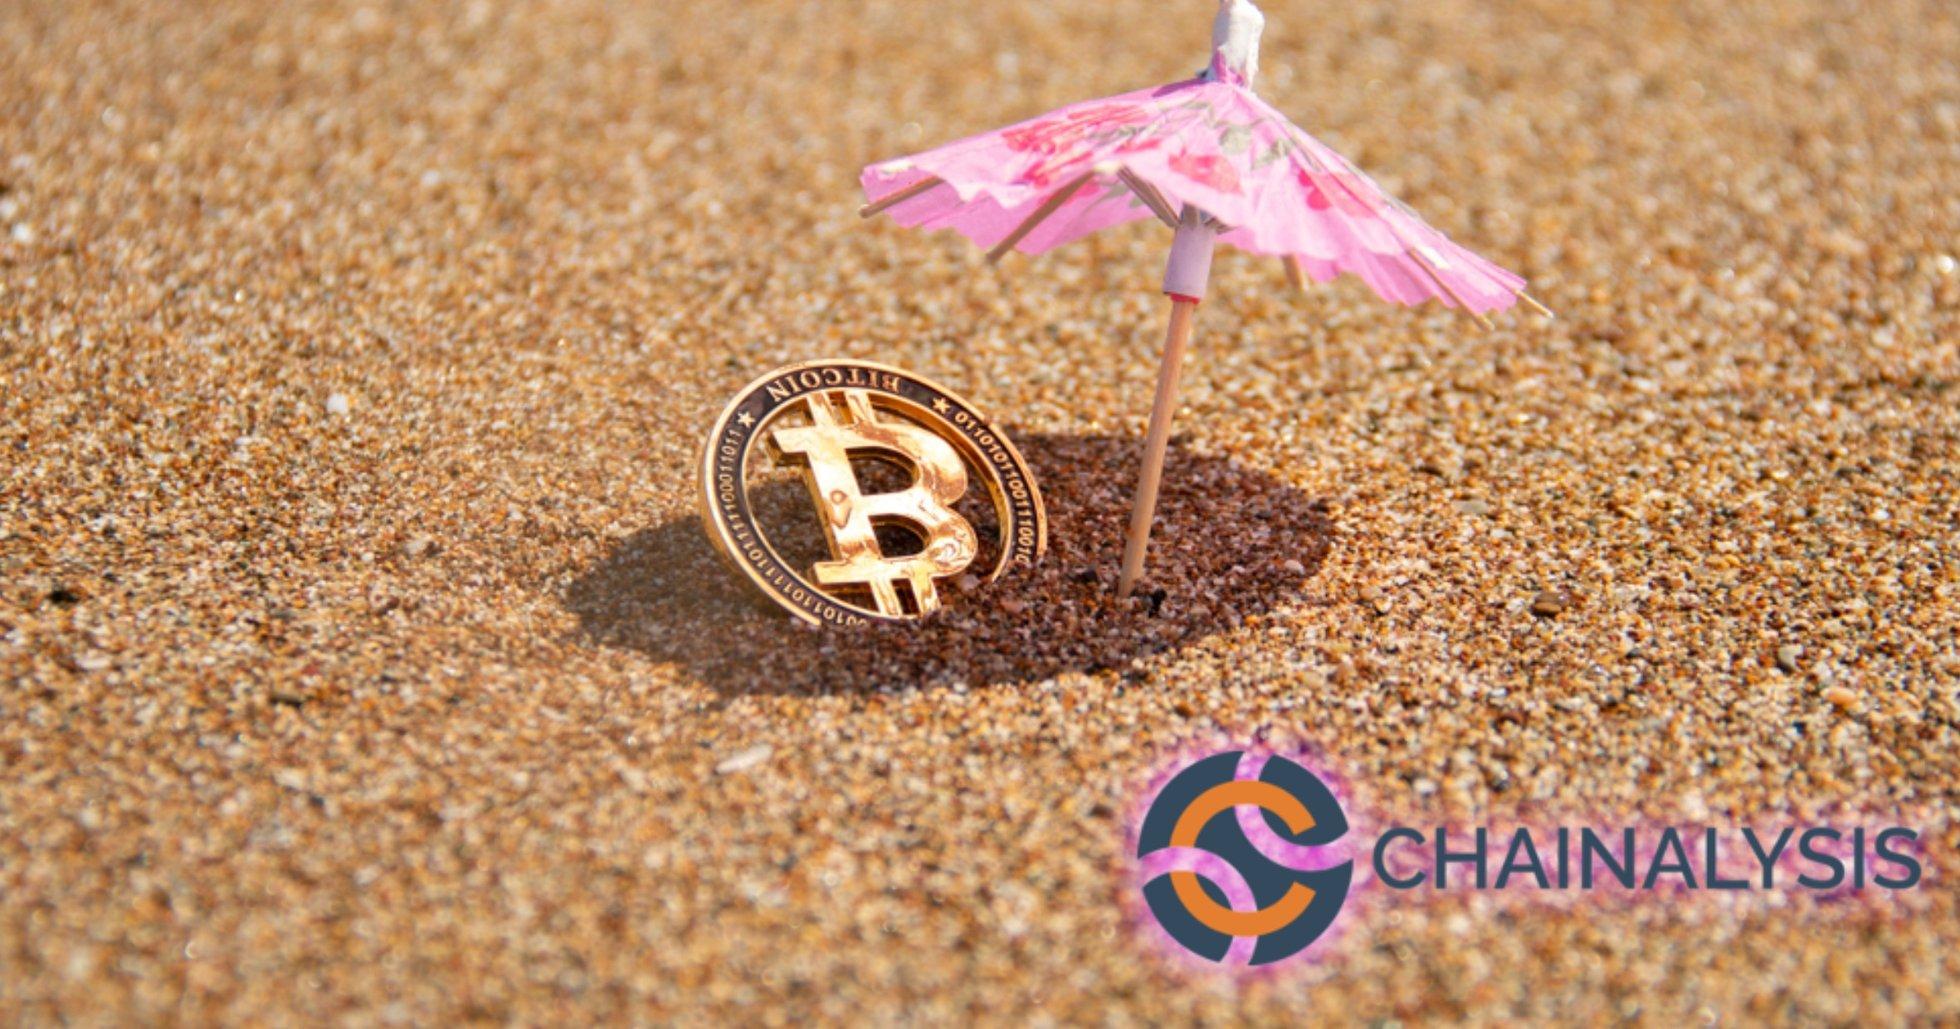 Analysfirma efter bitcoins krasch: Priset är stabilt nu – men framtiden är omöjlig att sia om